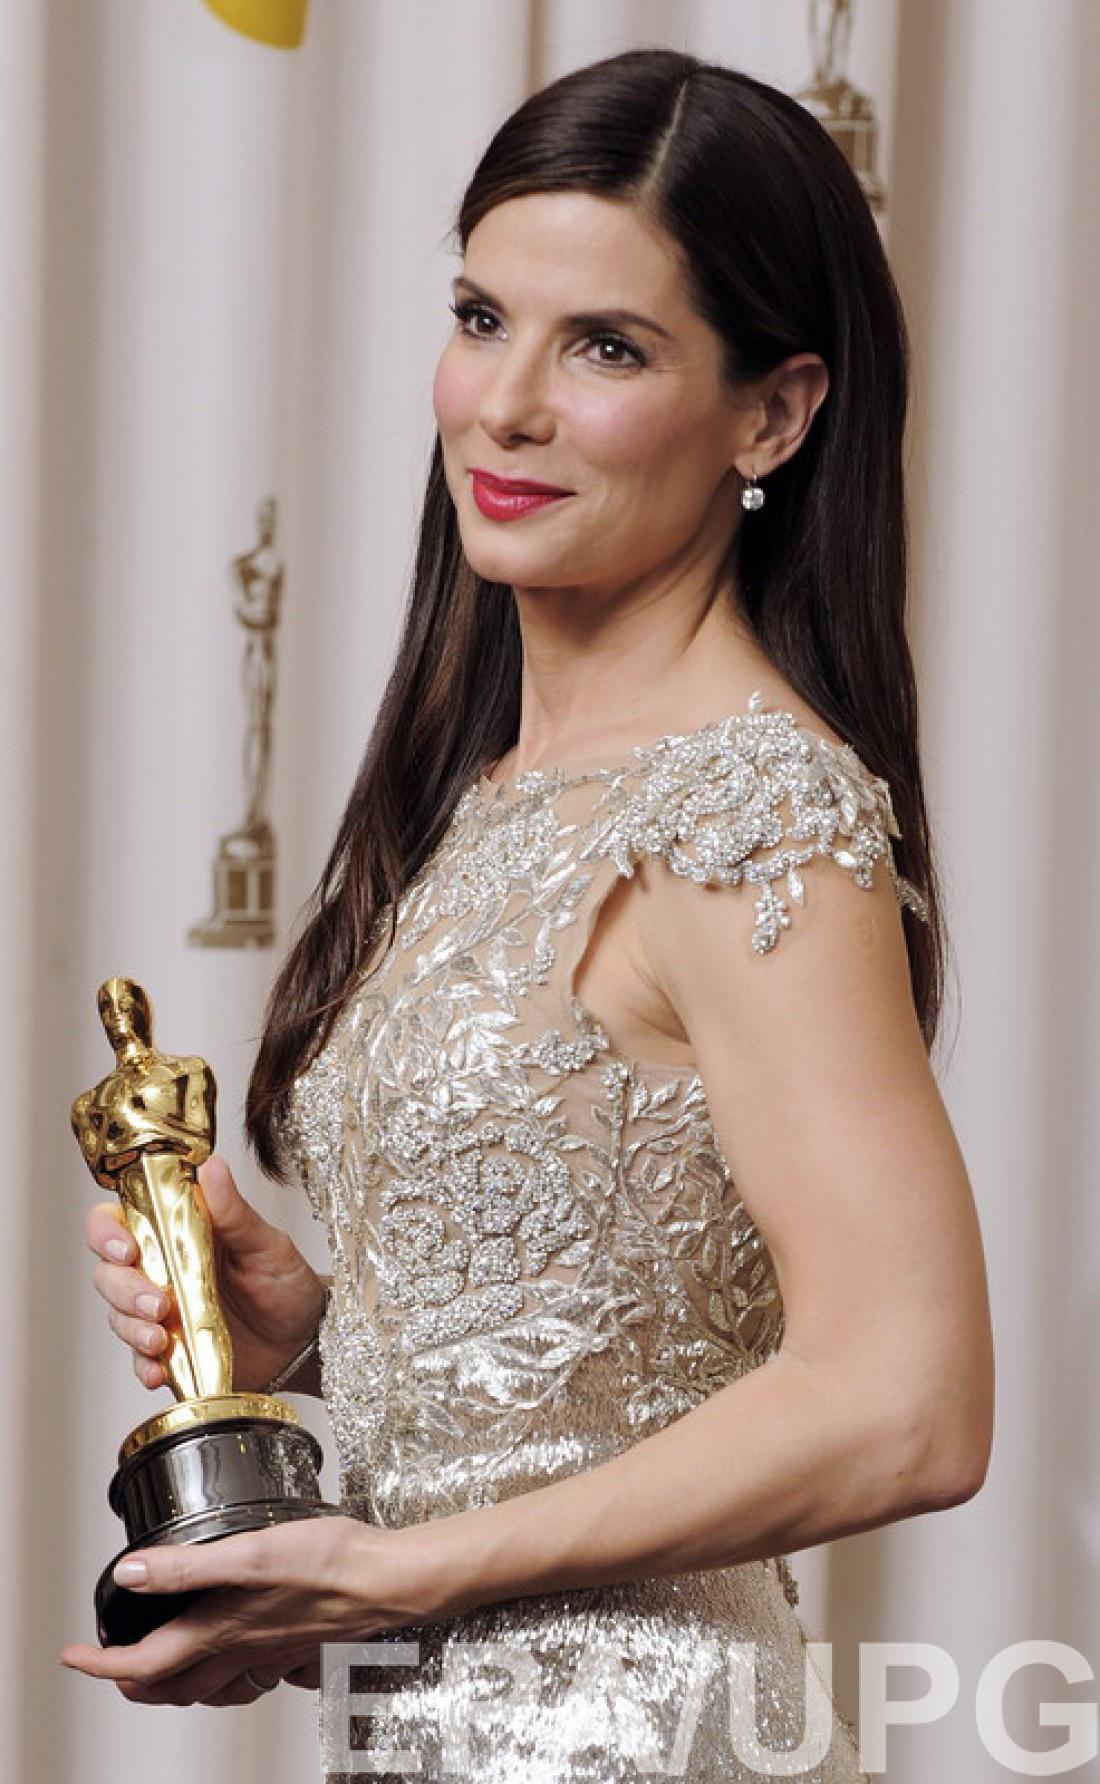 Актриса получила Оскар за роль в фильме Невидимая сторона. 2010 год.